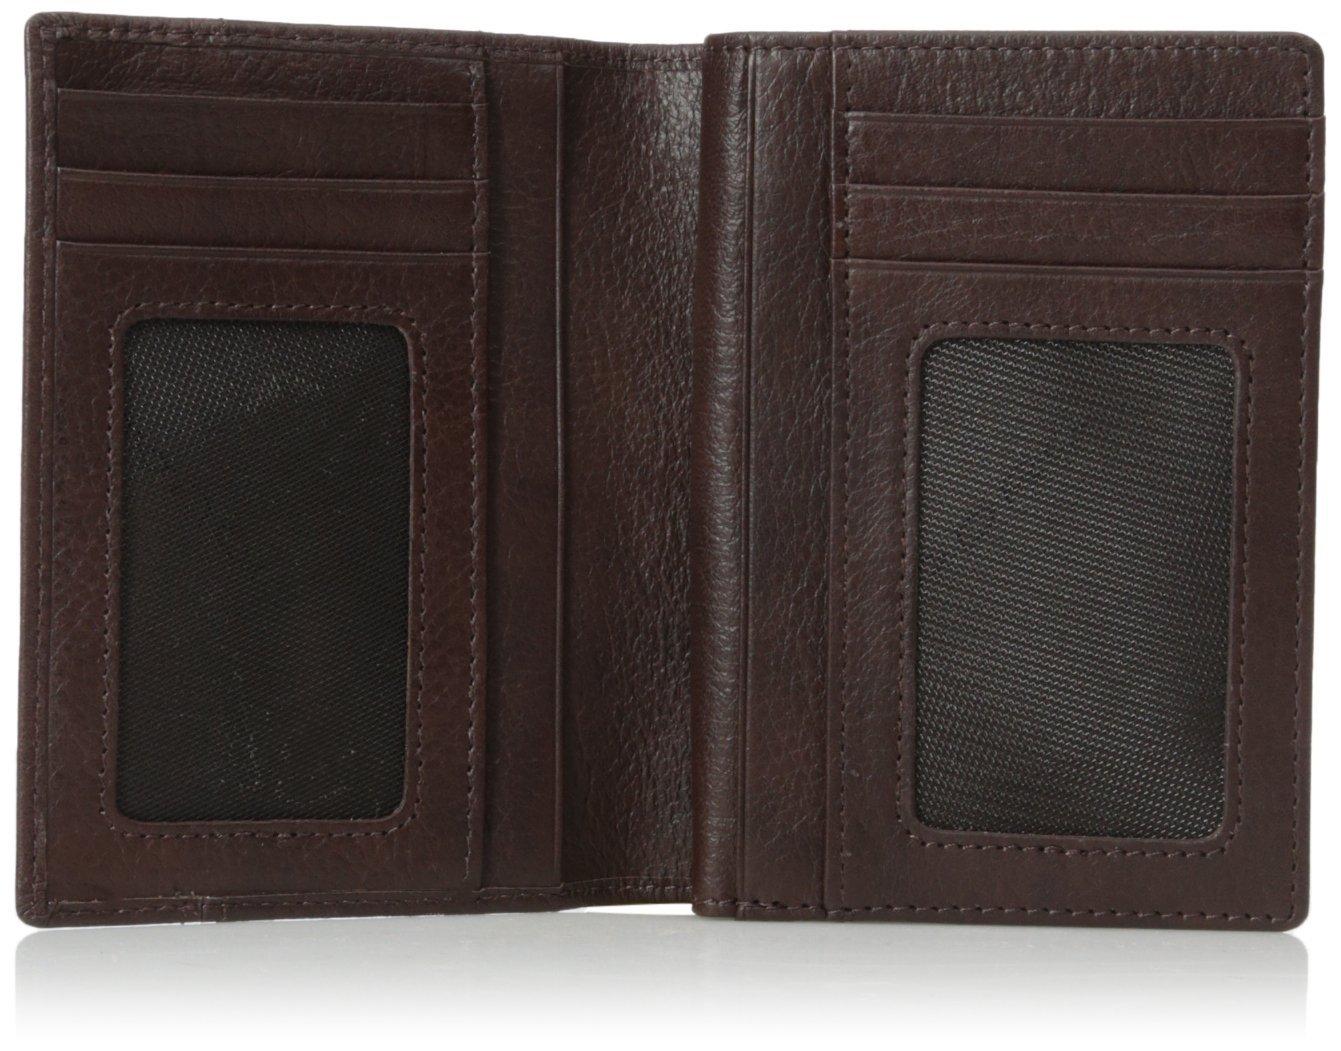 Piquadro Münzbörsen, Braun B00YANYTVY B00YANYTVY B00YANYTVY Geldbrsen, Ausweis- & Kartenhüllen 5f97e2